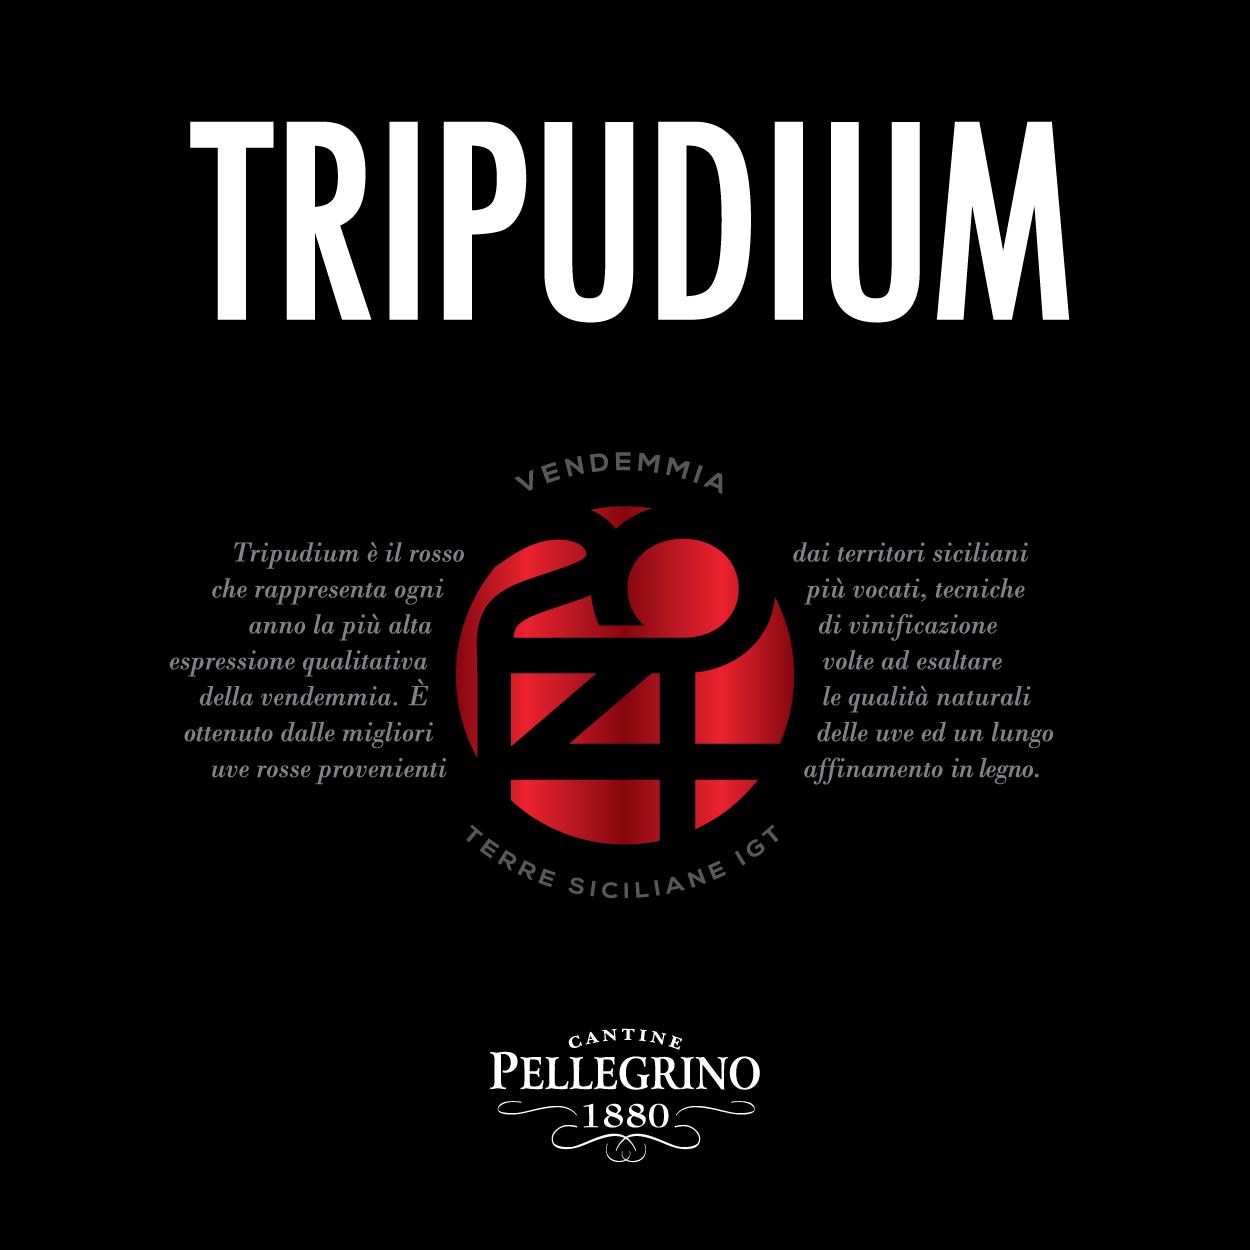 Tripudium - Dettaglio Etichetta